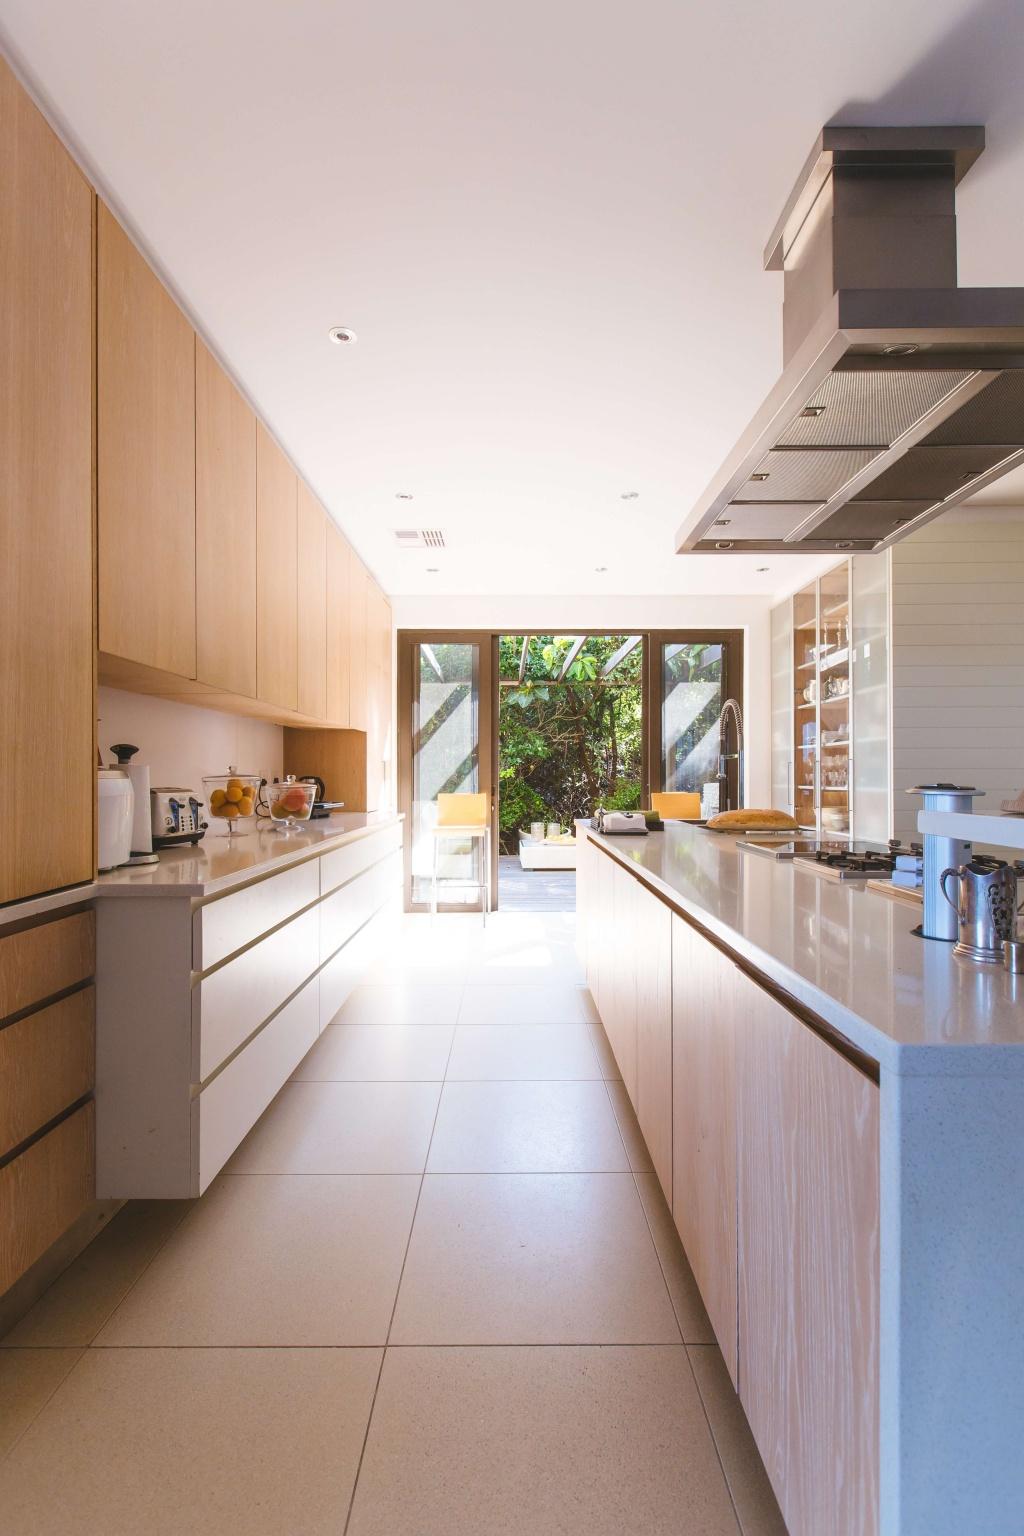 Grundenlagen bei der Küchenplanung